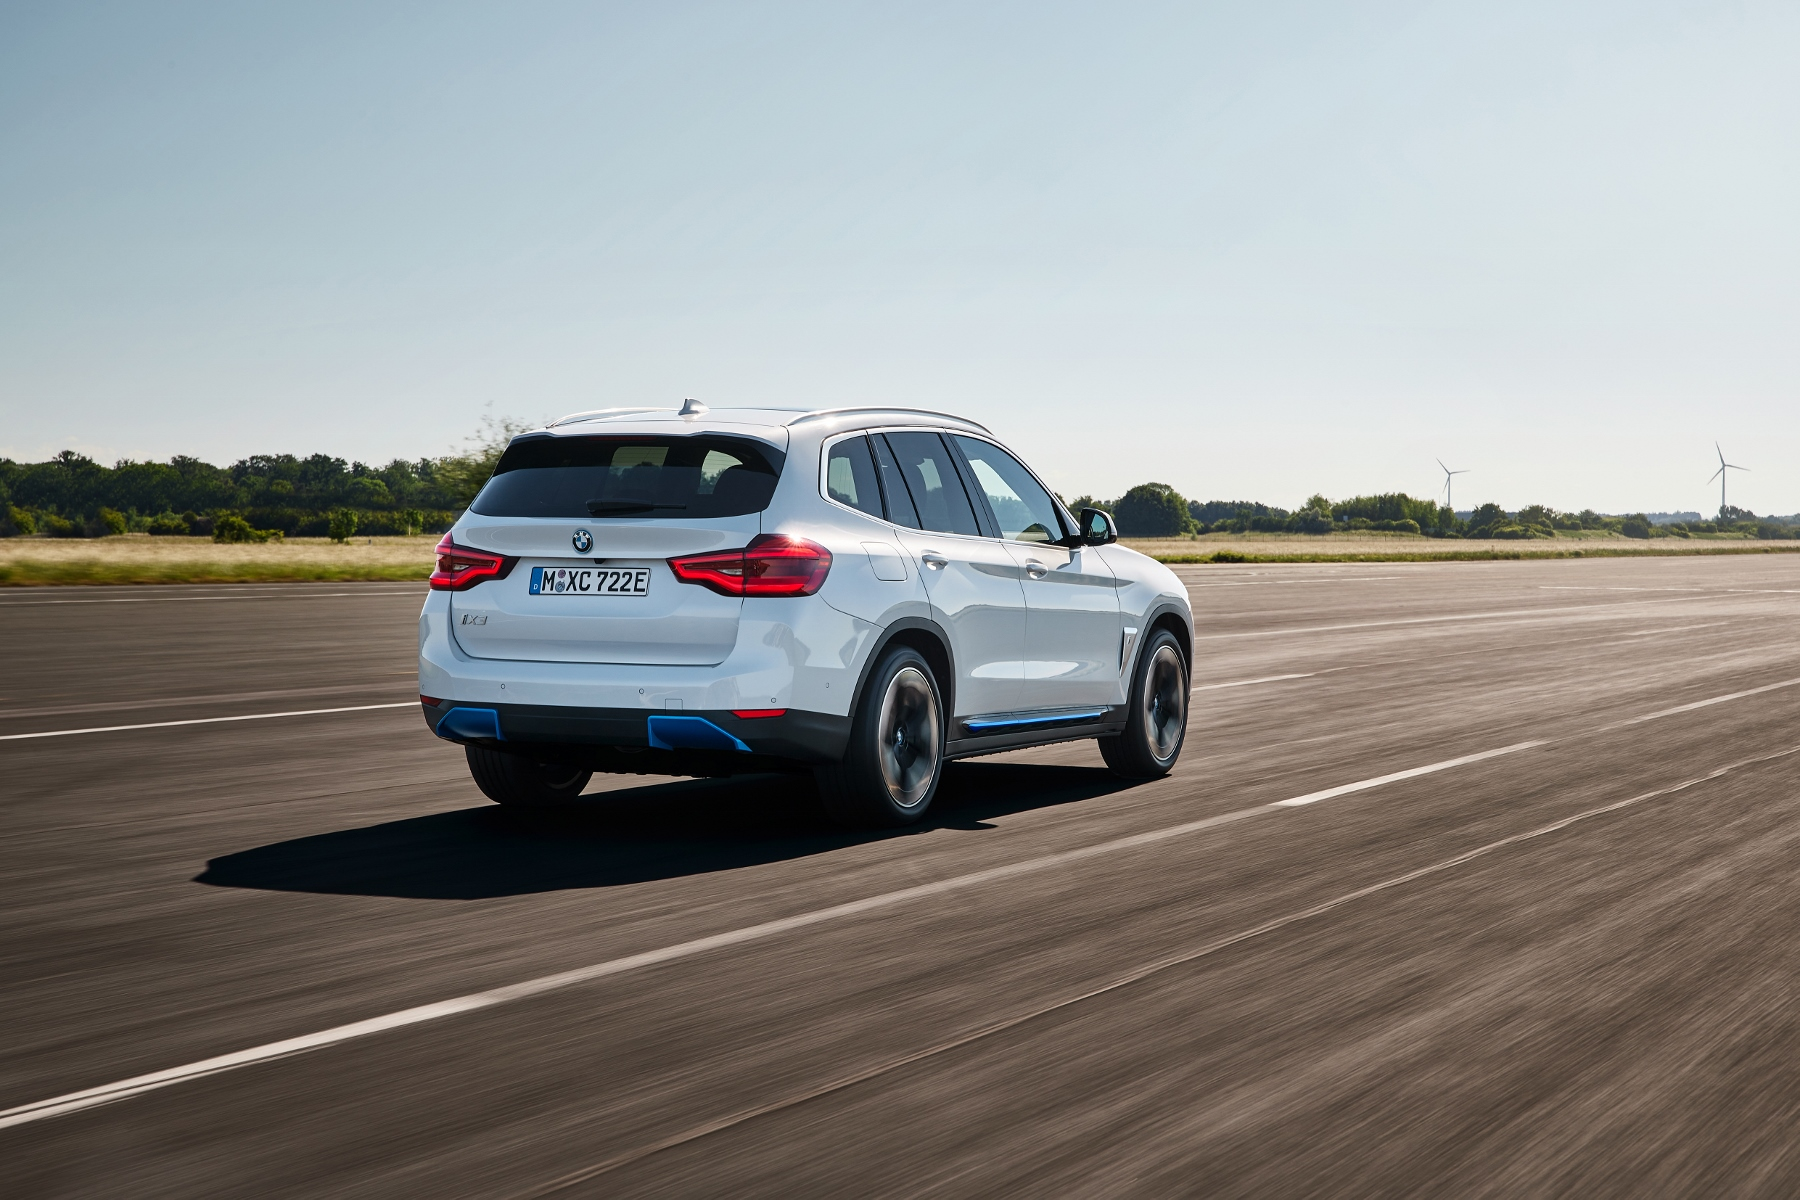 BMW ukázalo elektrické SUV iX3 s dojazdom 459 km ofkMZhJNUY bmw-ix3-5